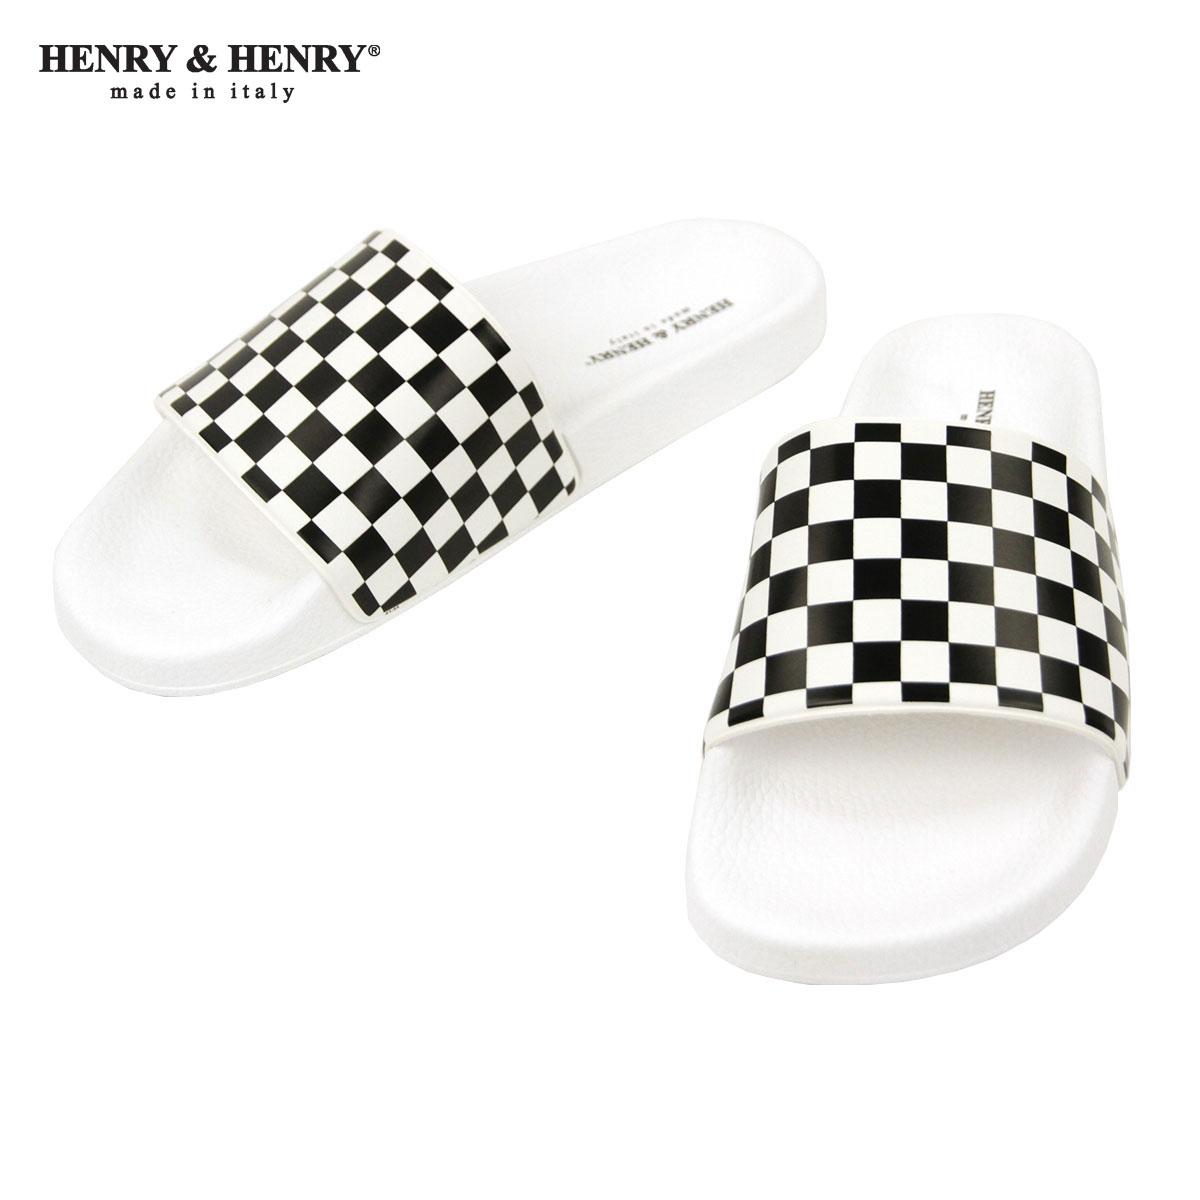 ヘンリーアンドヘンリー HENRY&HENRY 正規販売店 サンダル シャワーサンダル 180 CHECKER SHOWER SANDAL BIANCO BLACK WHITE CHECKER WHITE SOLE A66B B3C C4D D3E E01F